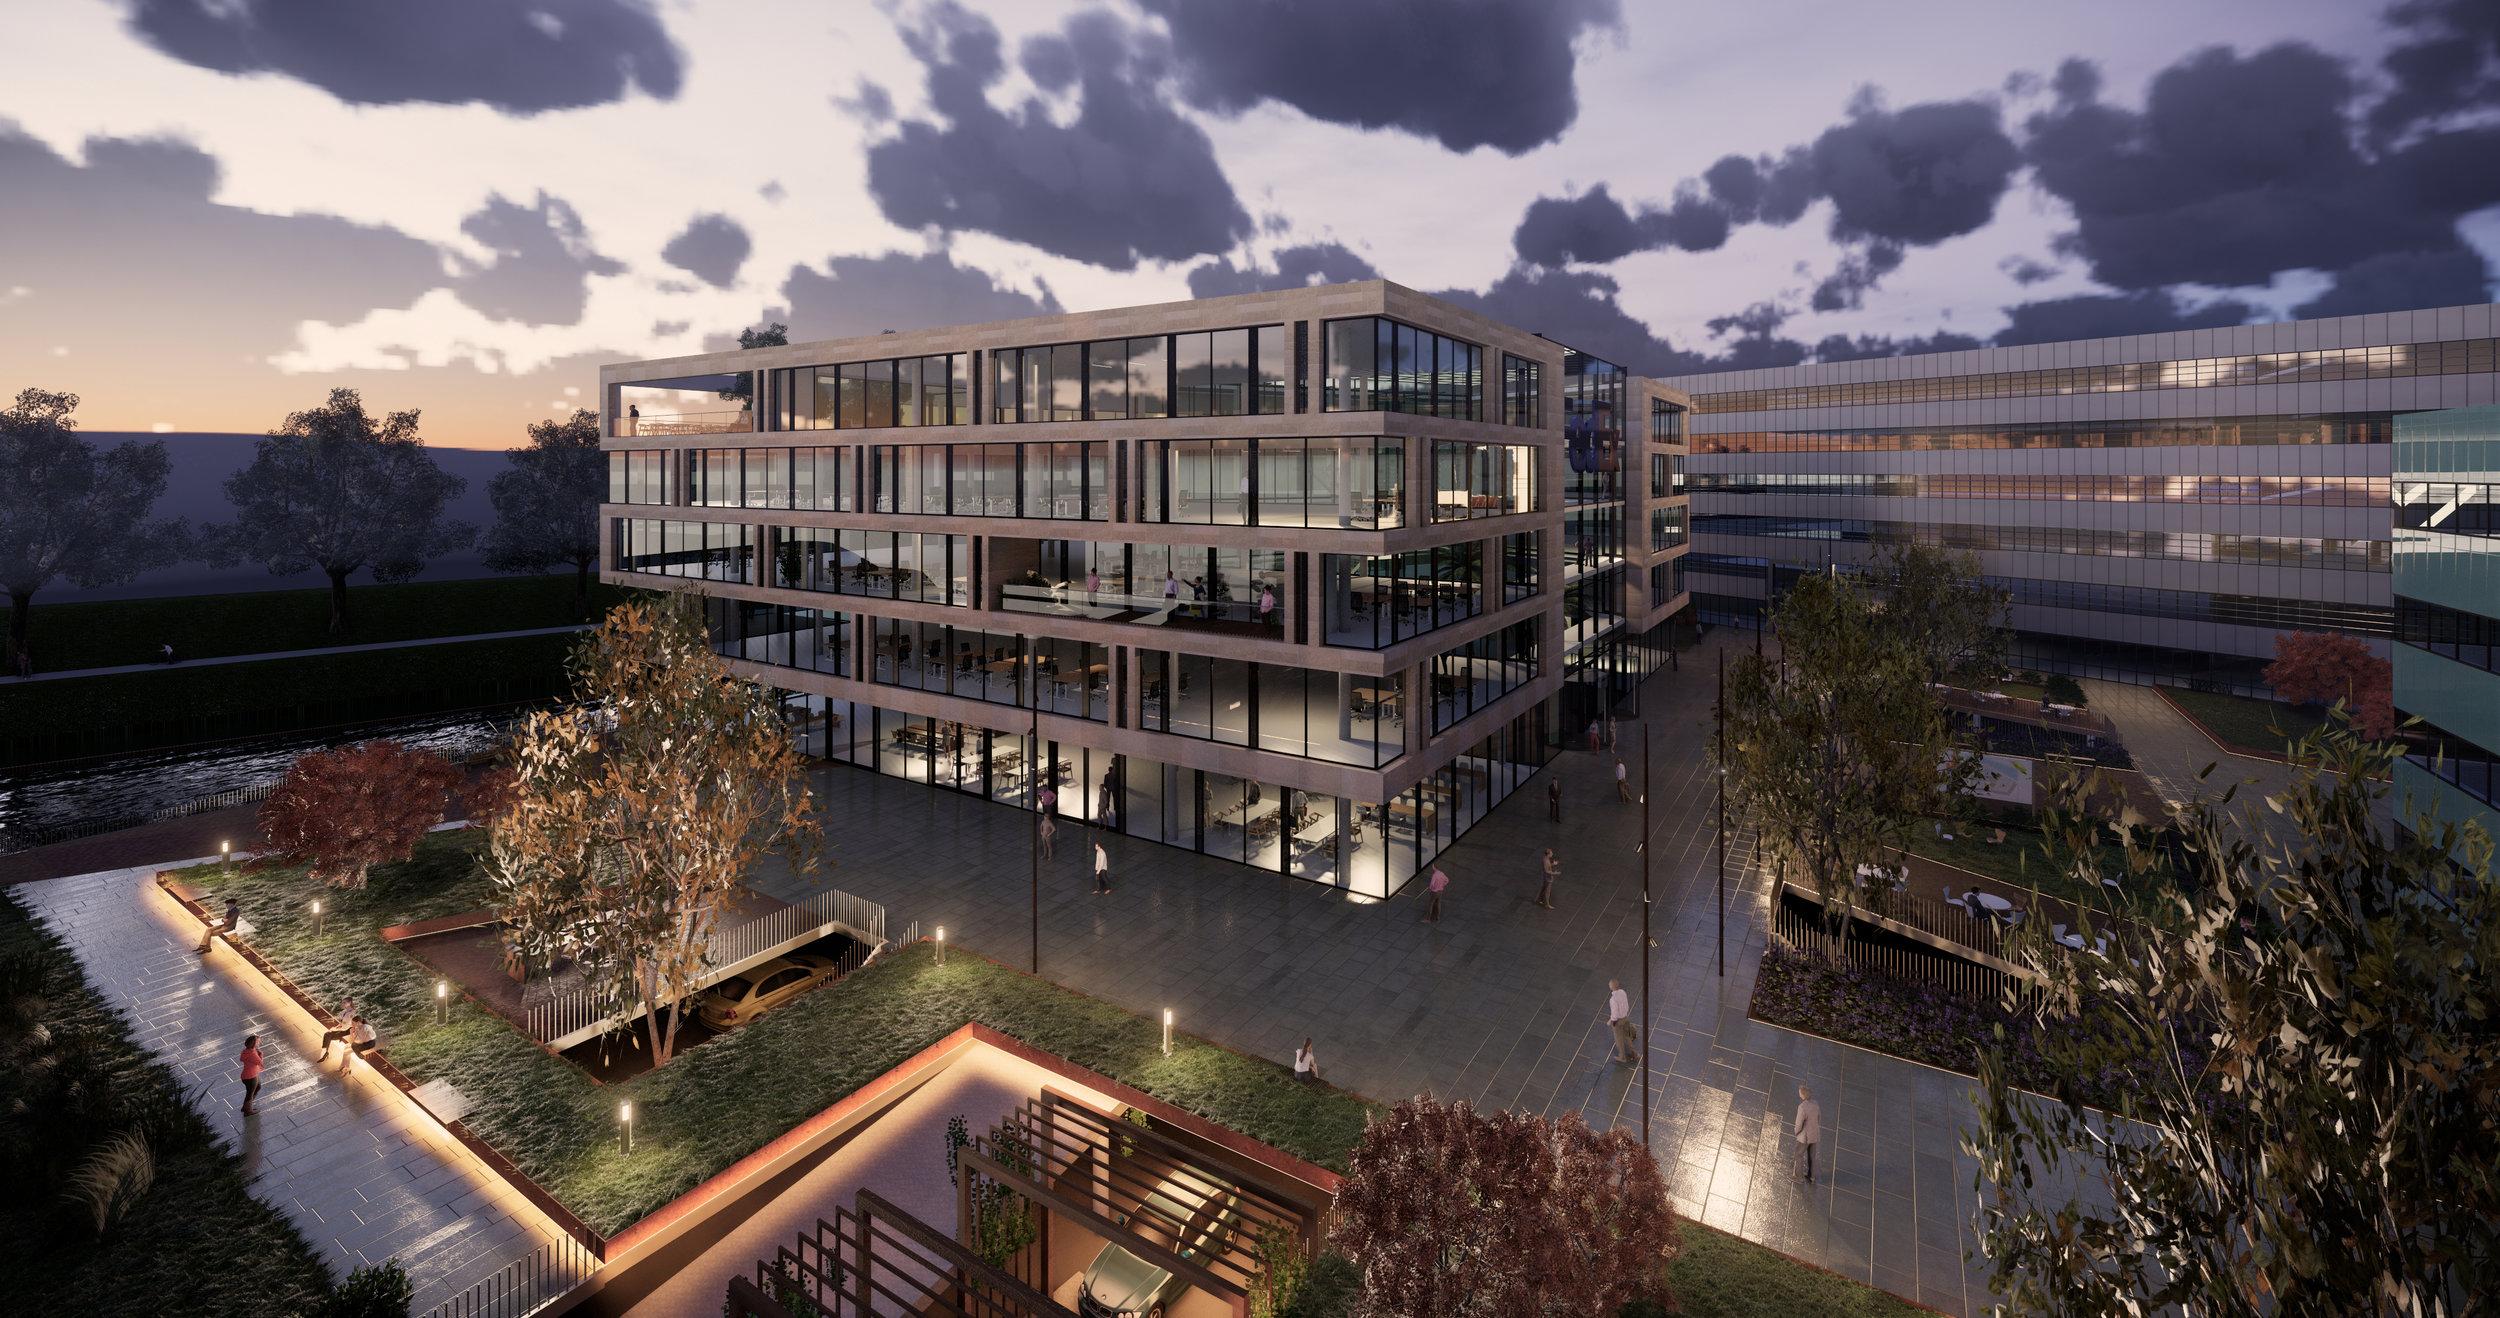 BFAS_A136_architectuur_kantoor_Hoofddorp_6.jpg